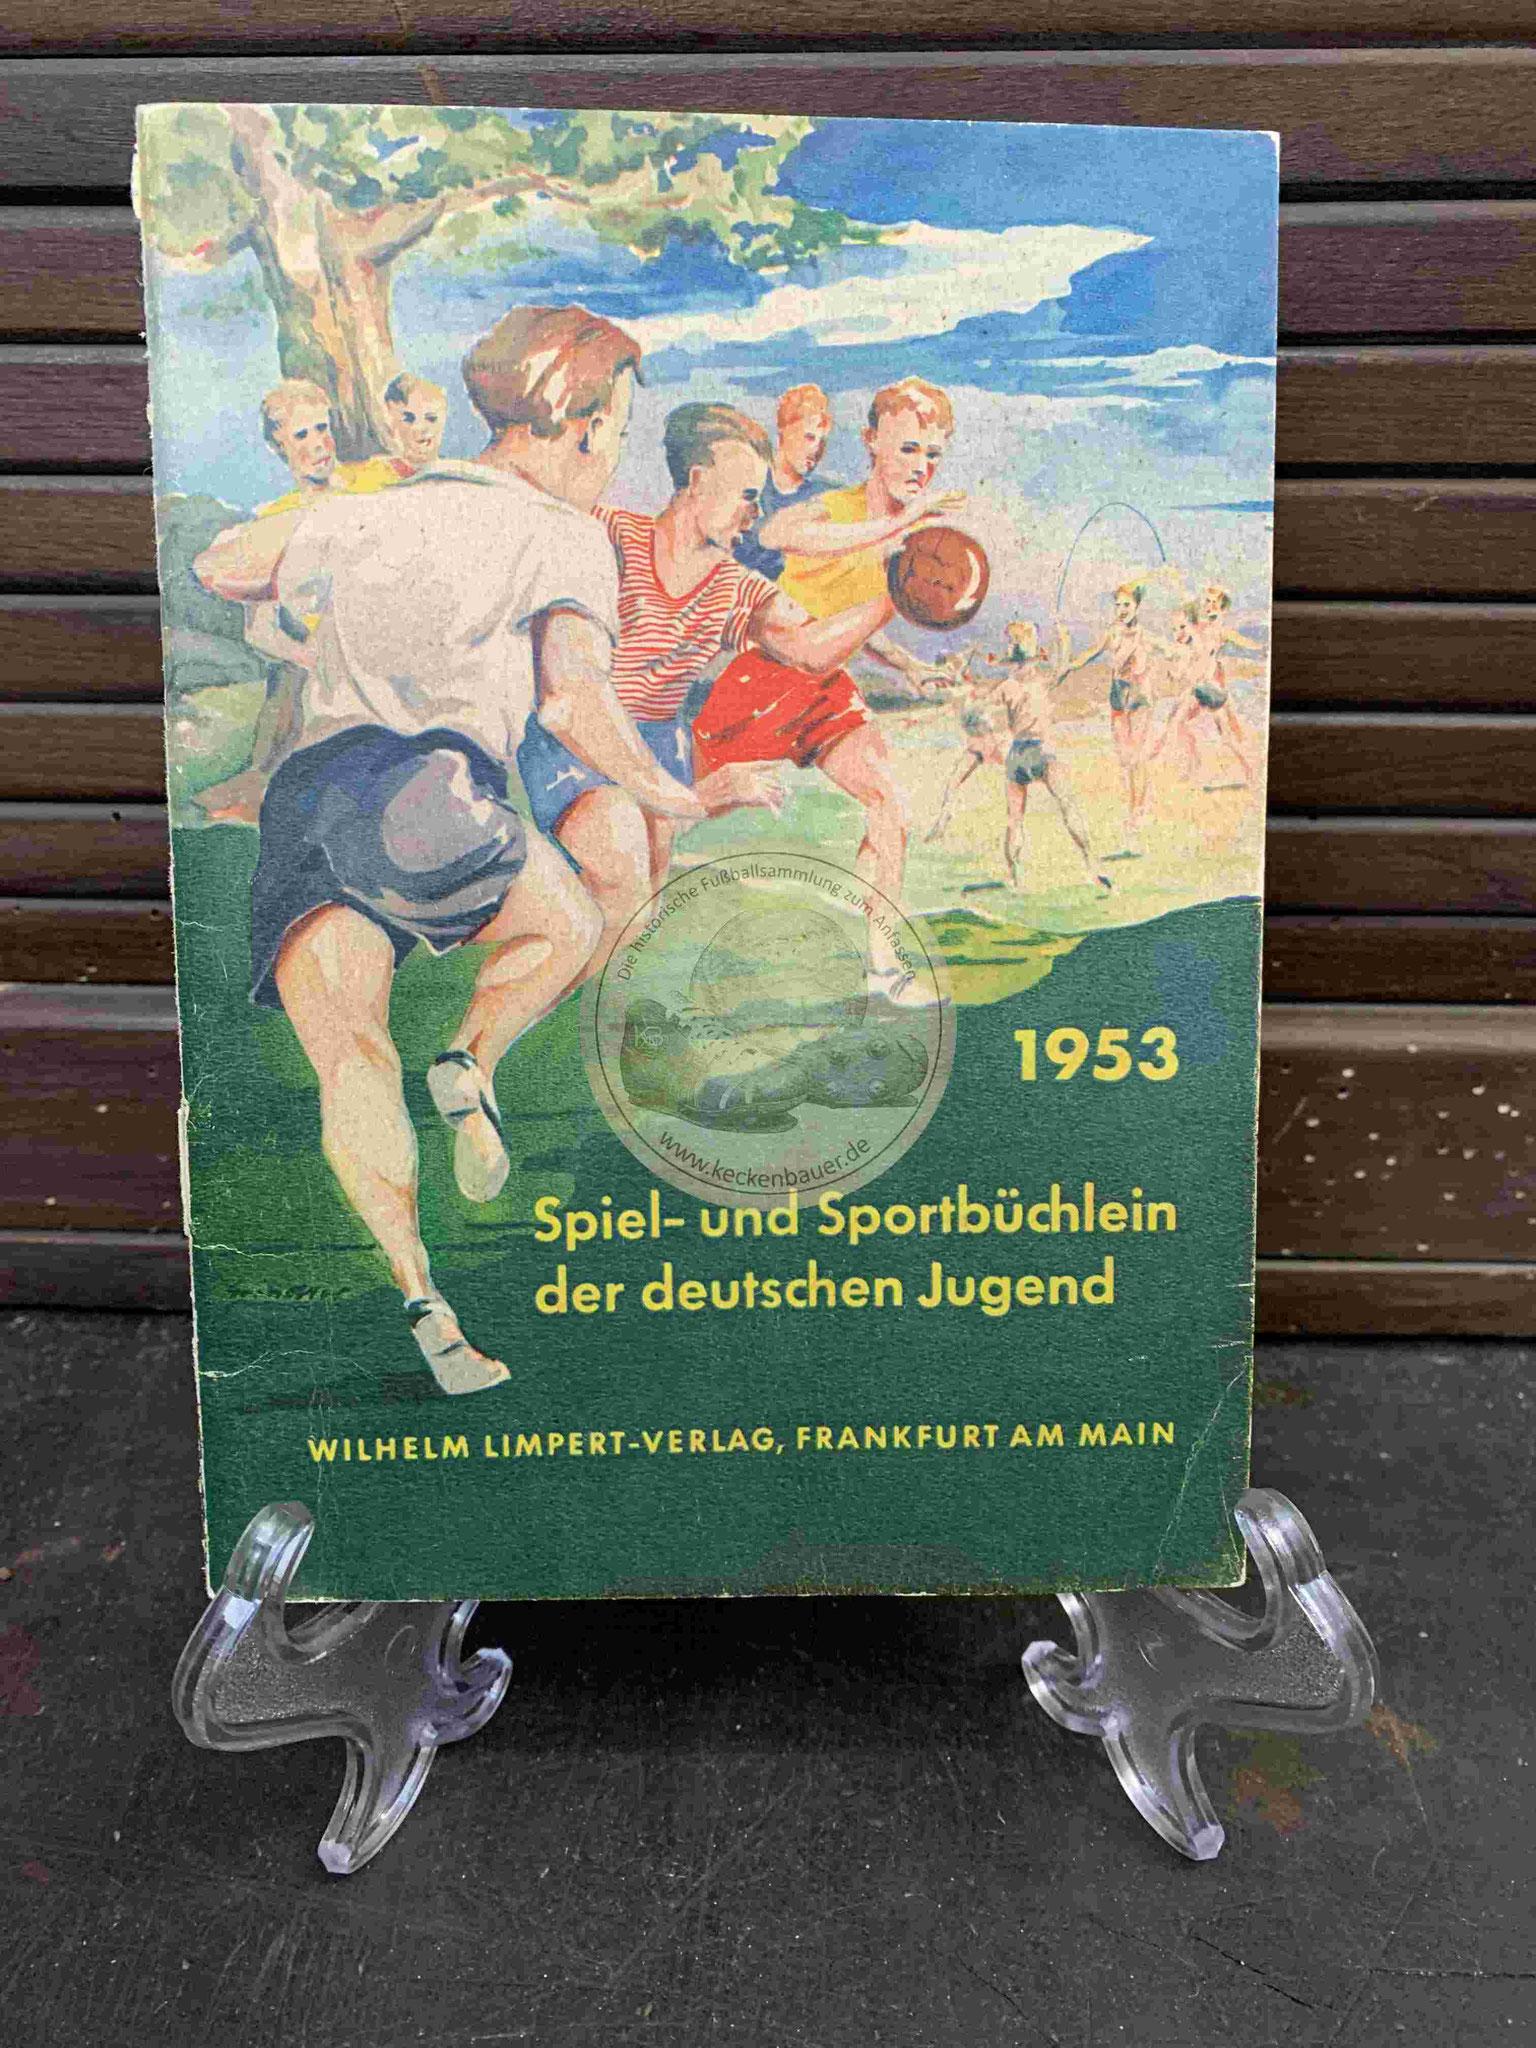 Spiel- und Sportbüchlein der deutschen Jugend vom Wilhelm Limpert-Verlag aus dem Jahr 1953